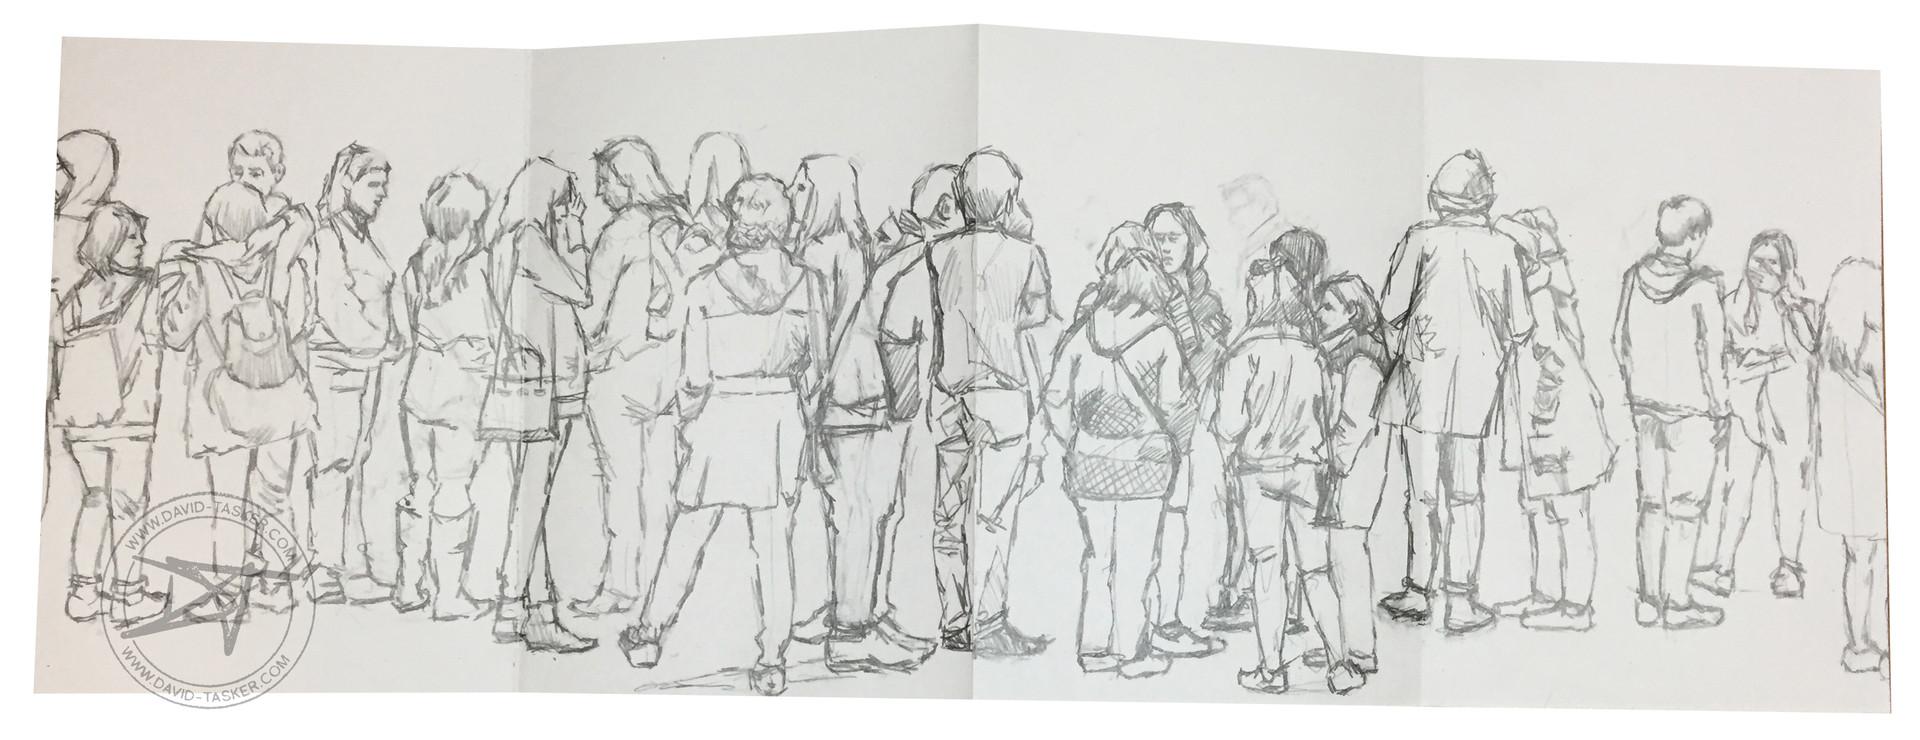 Queue drawing 8.jpg